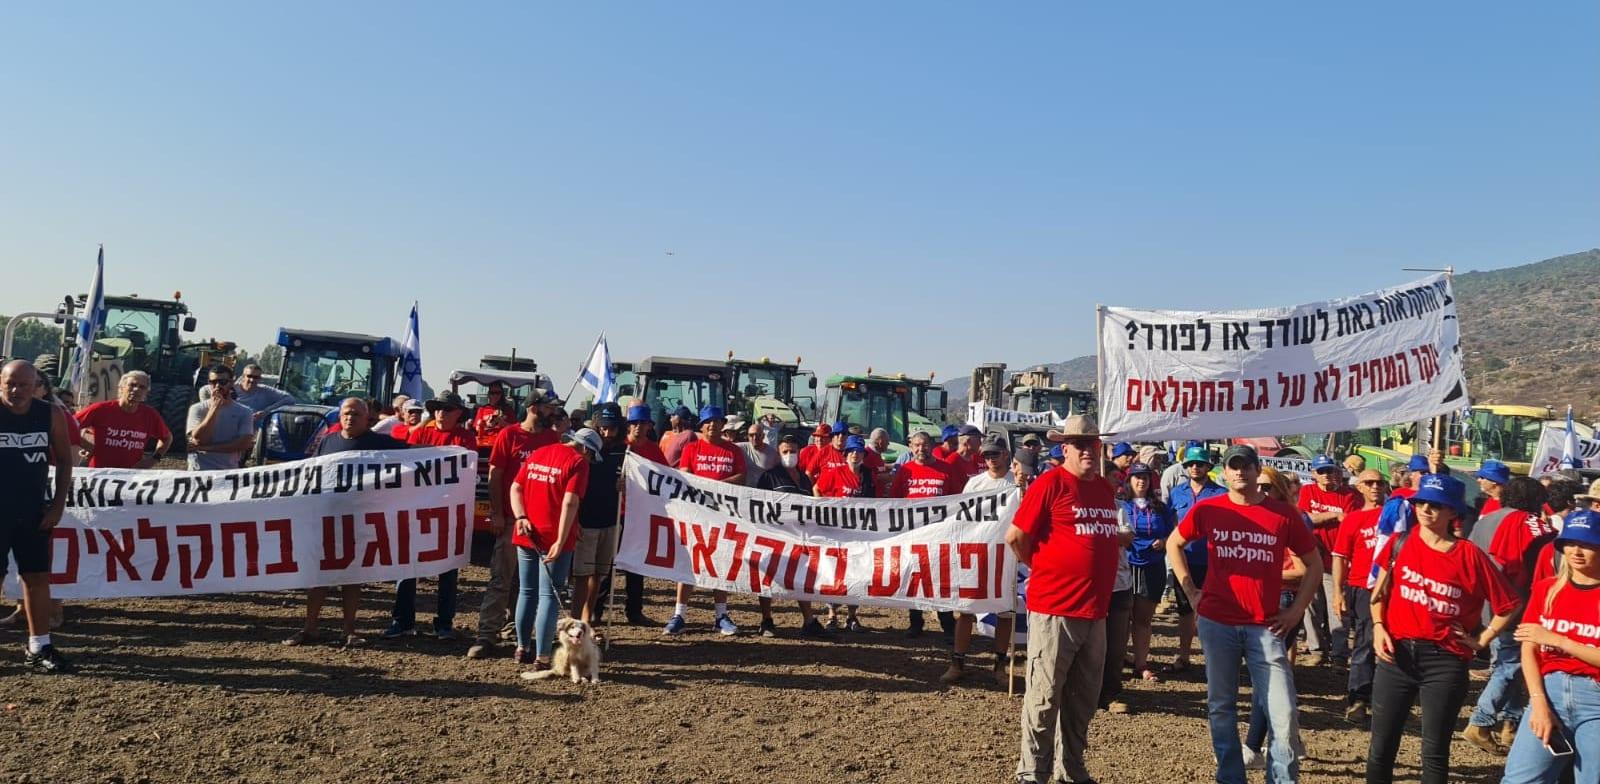 הפגנת החקלאים נגד הרפורמה בחקלאות